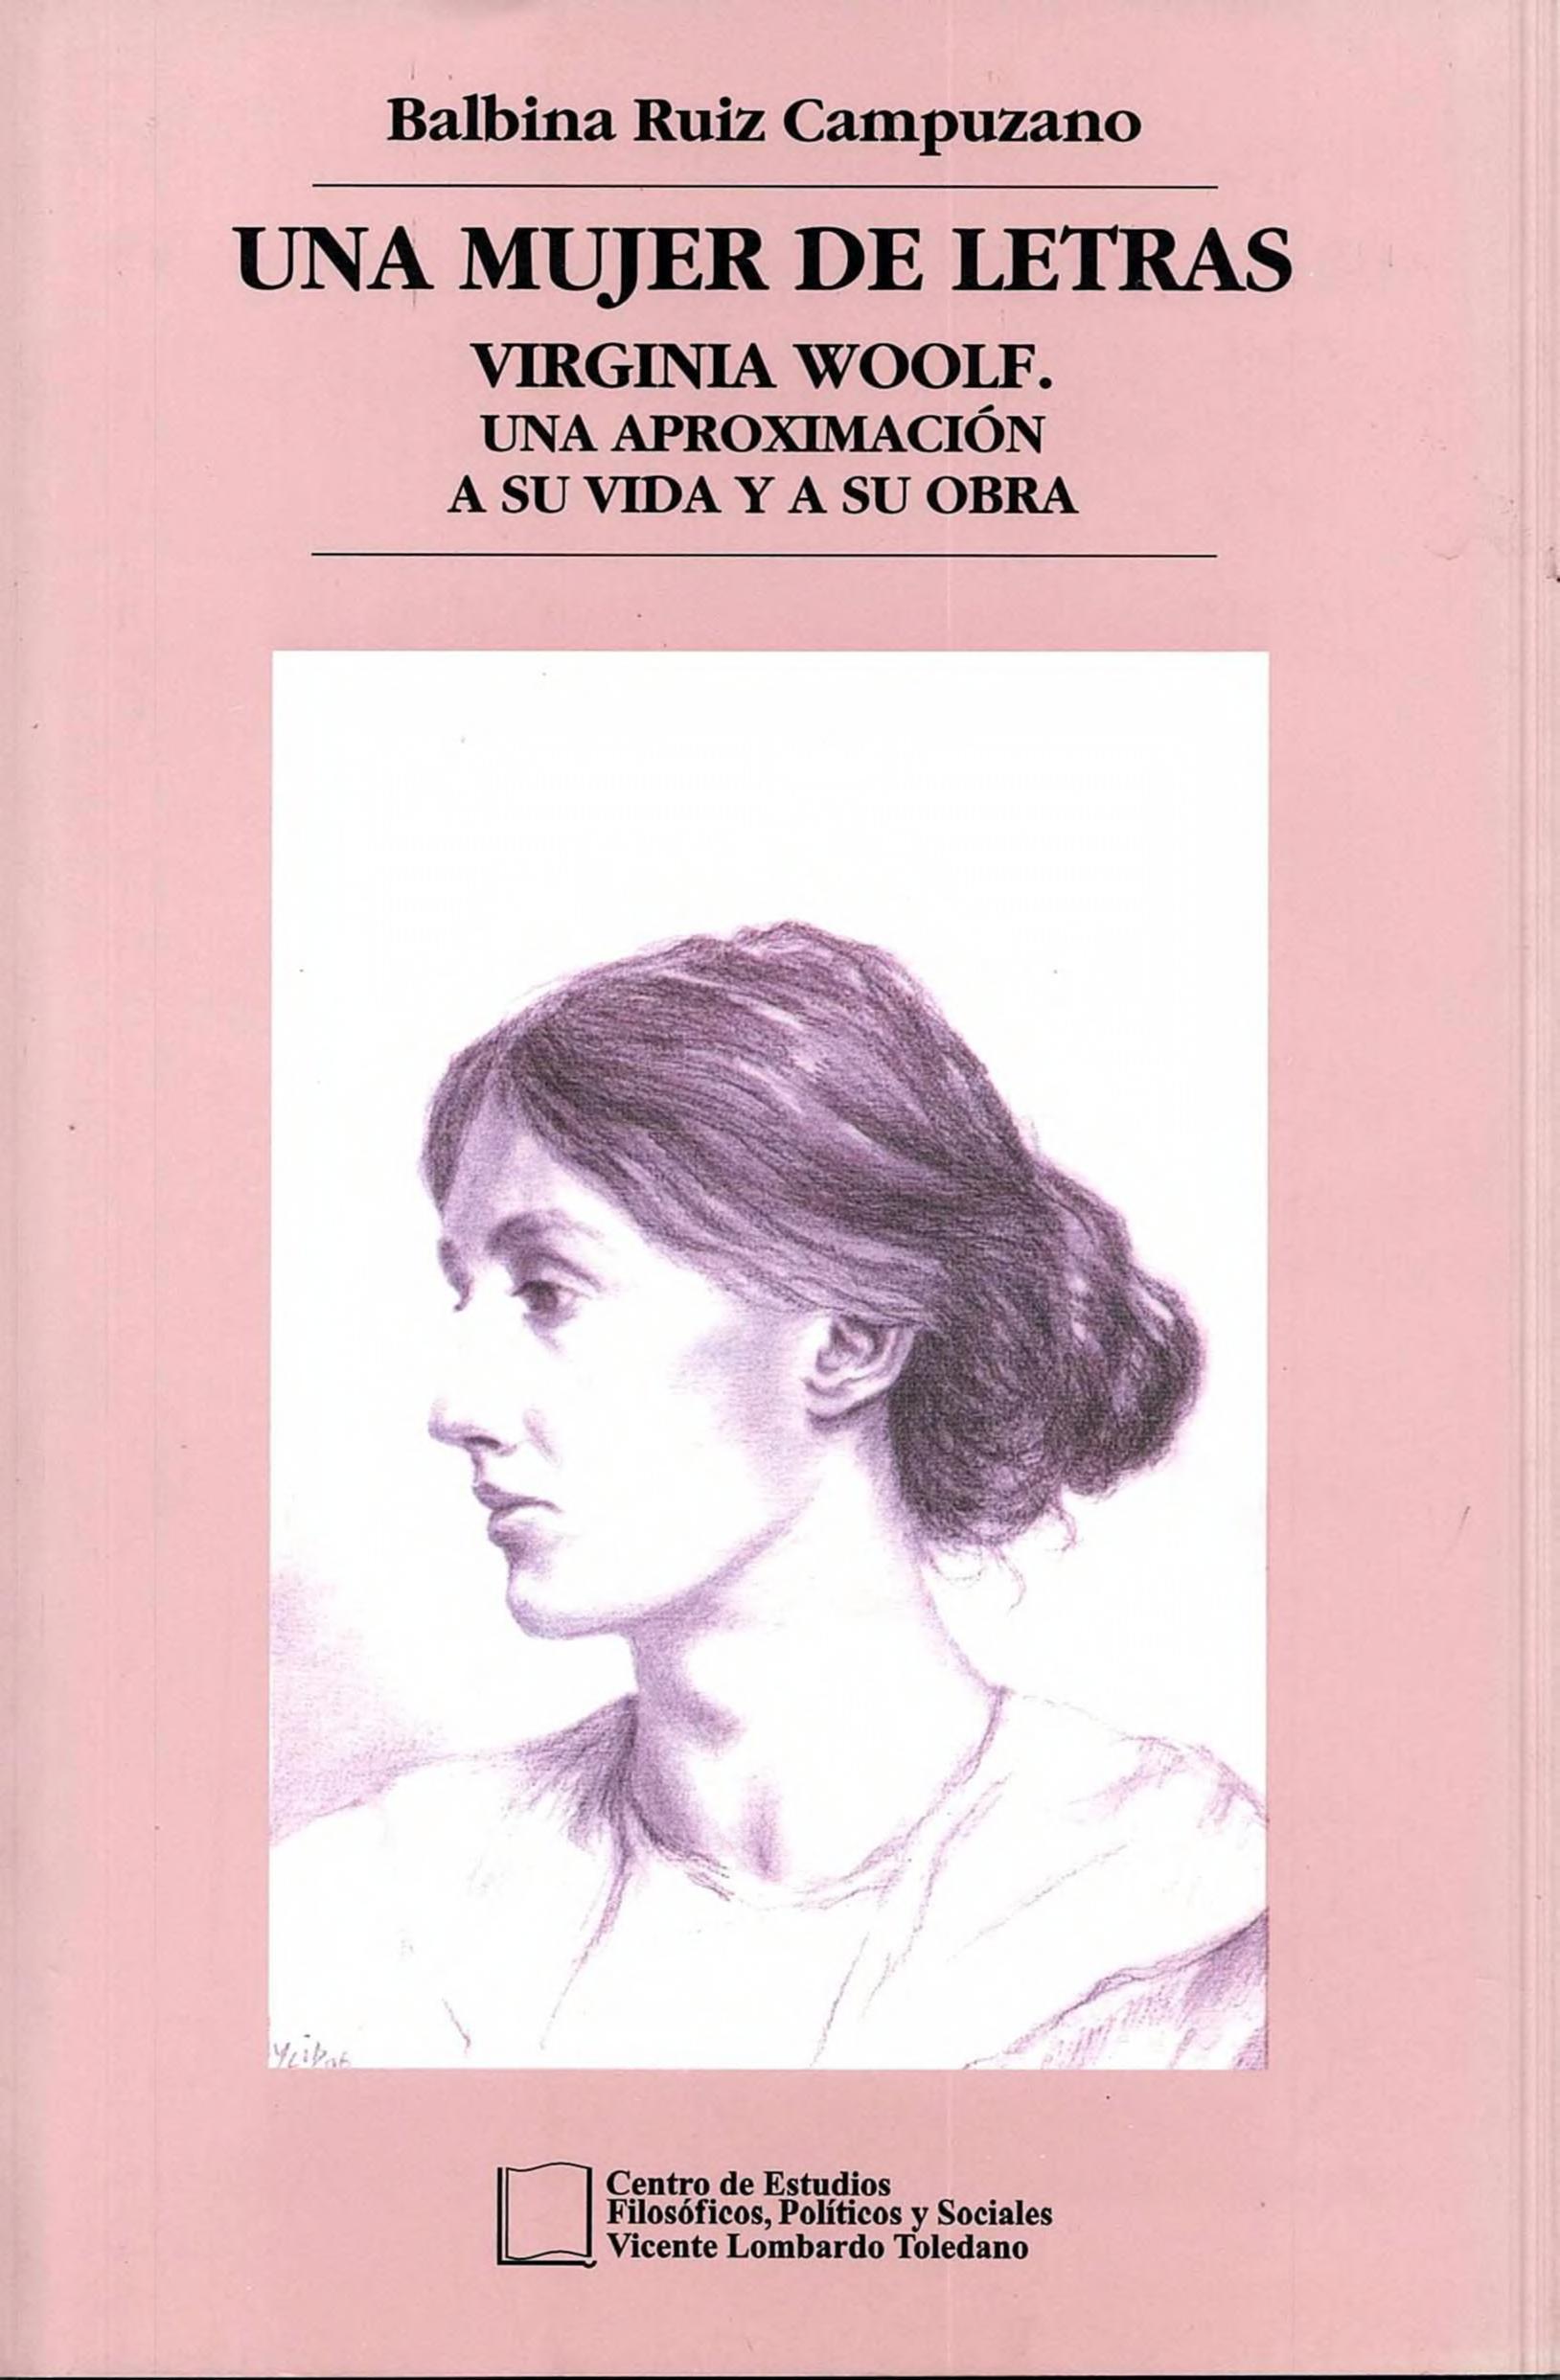 Portada del libro: UNA MUJER DE LETRAS